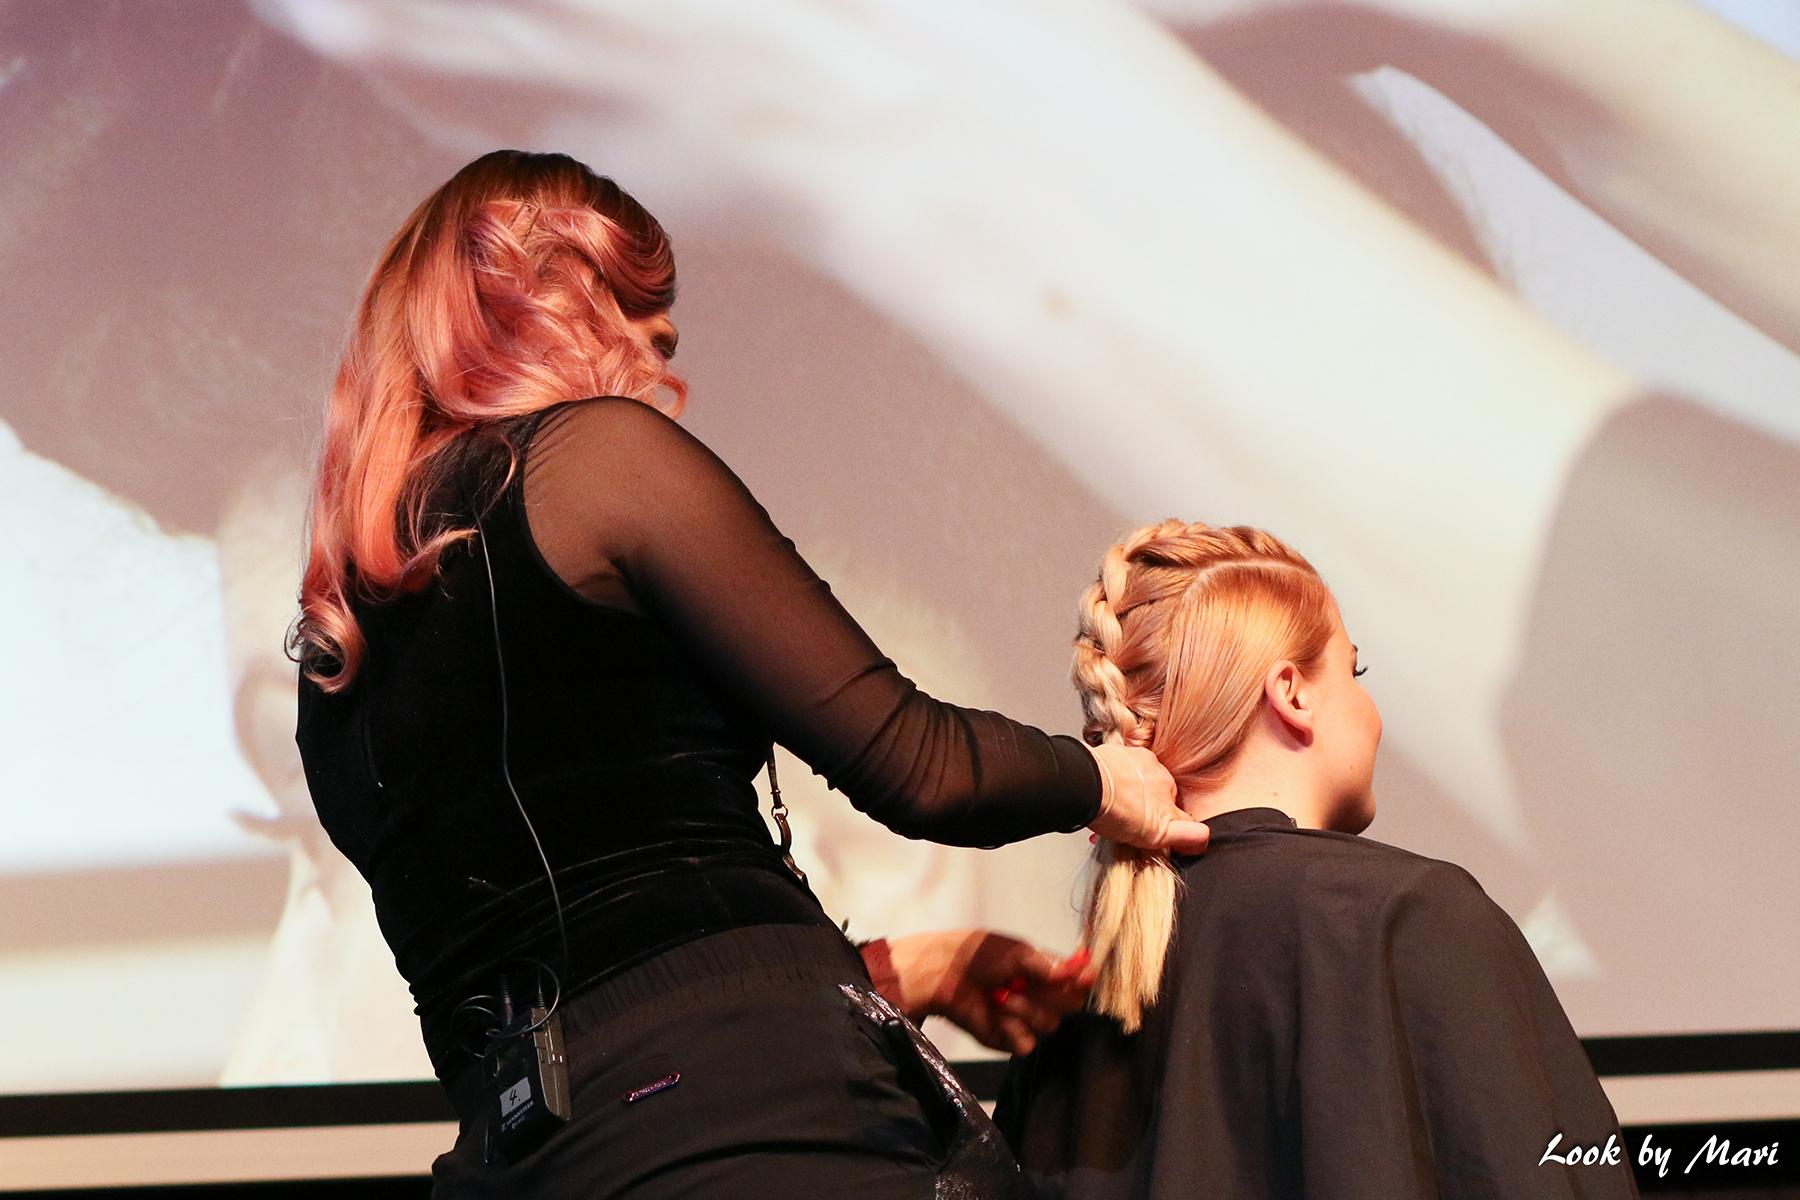 11 idhair hair show 29.3.2017 helsinki lanza moroccanoil evo idhair.fi